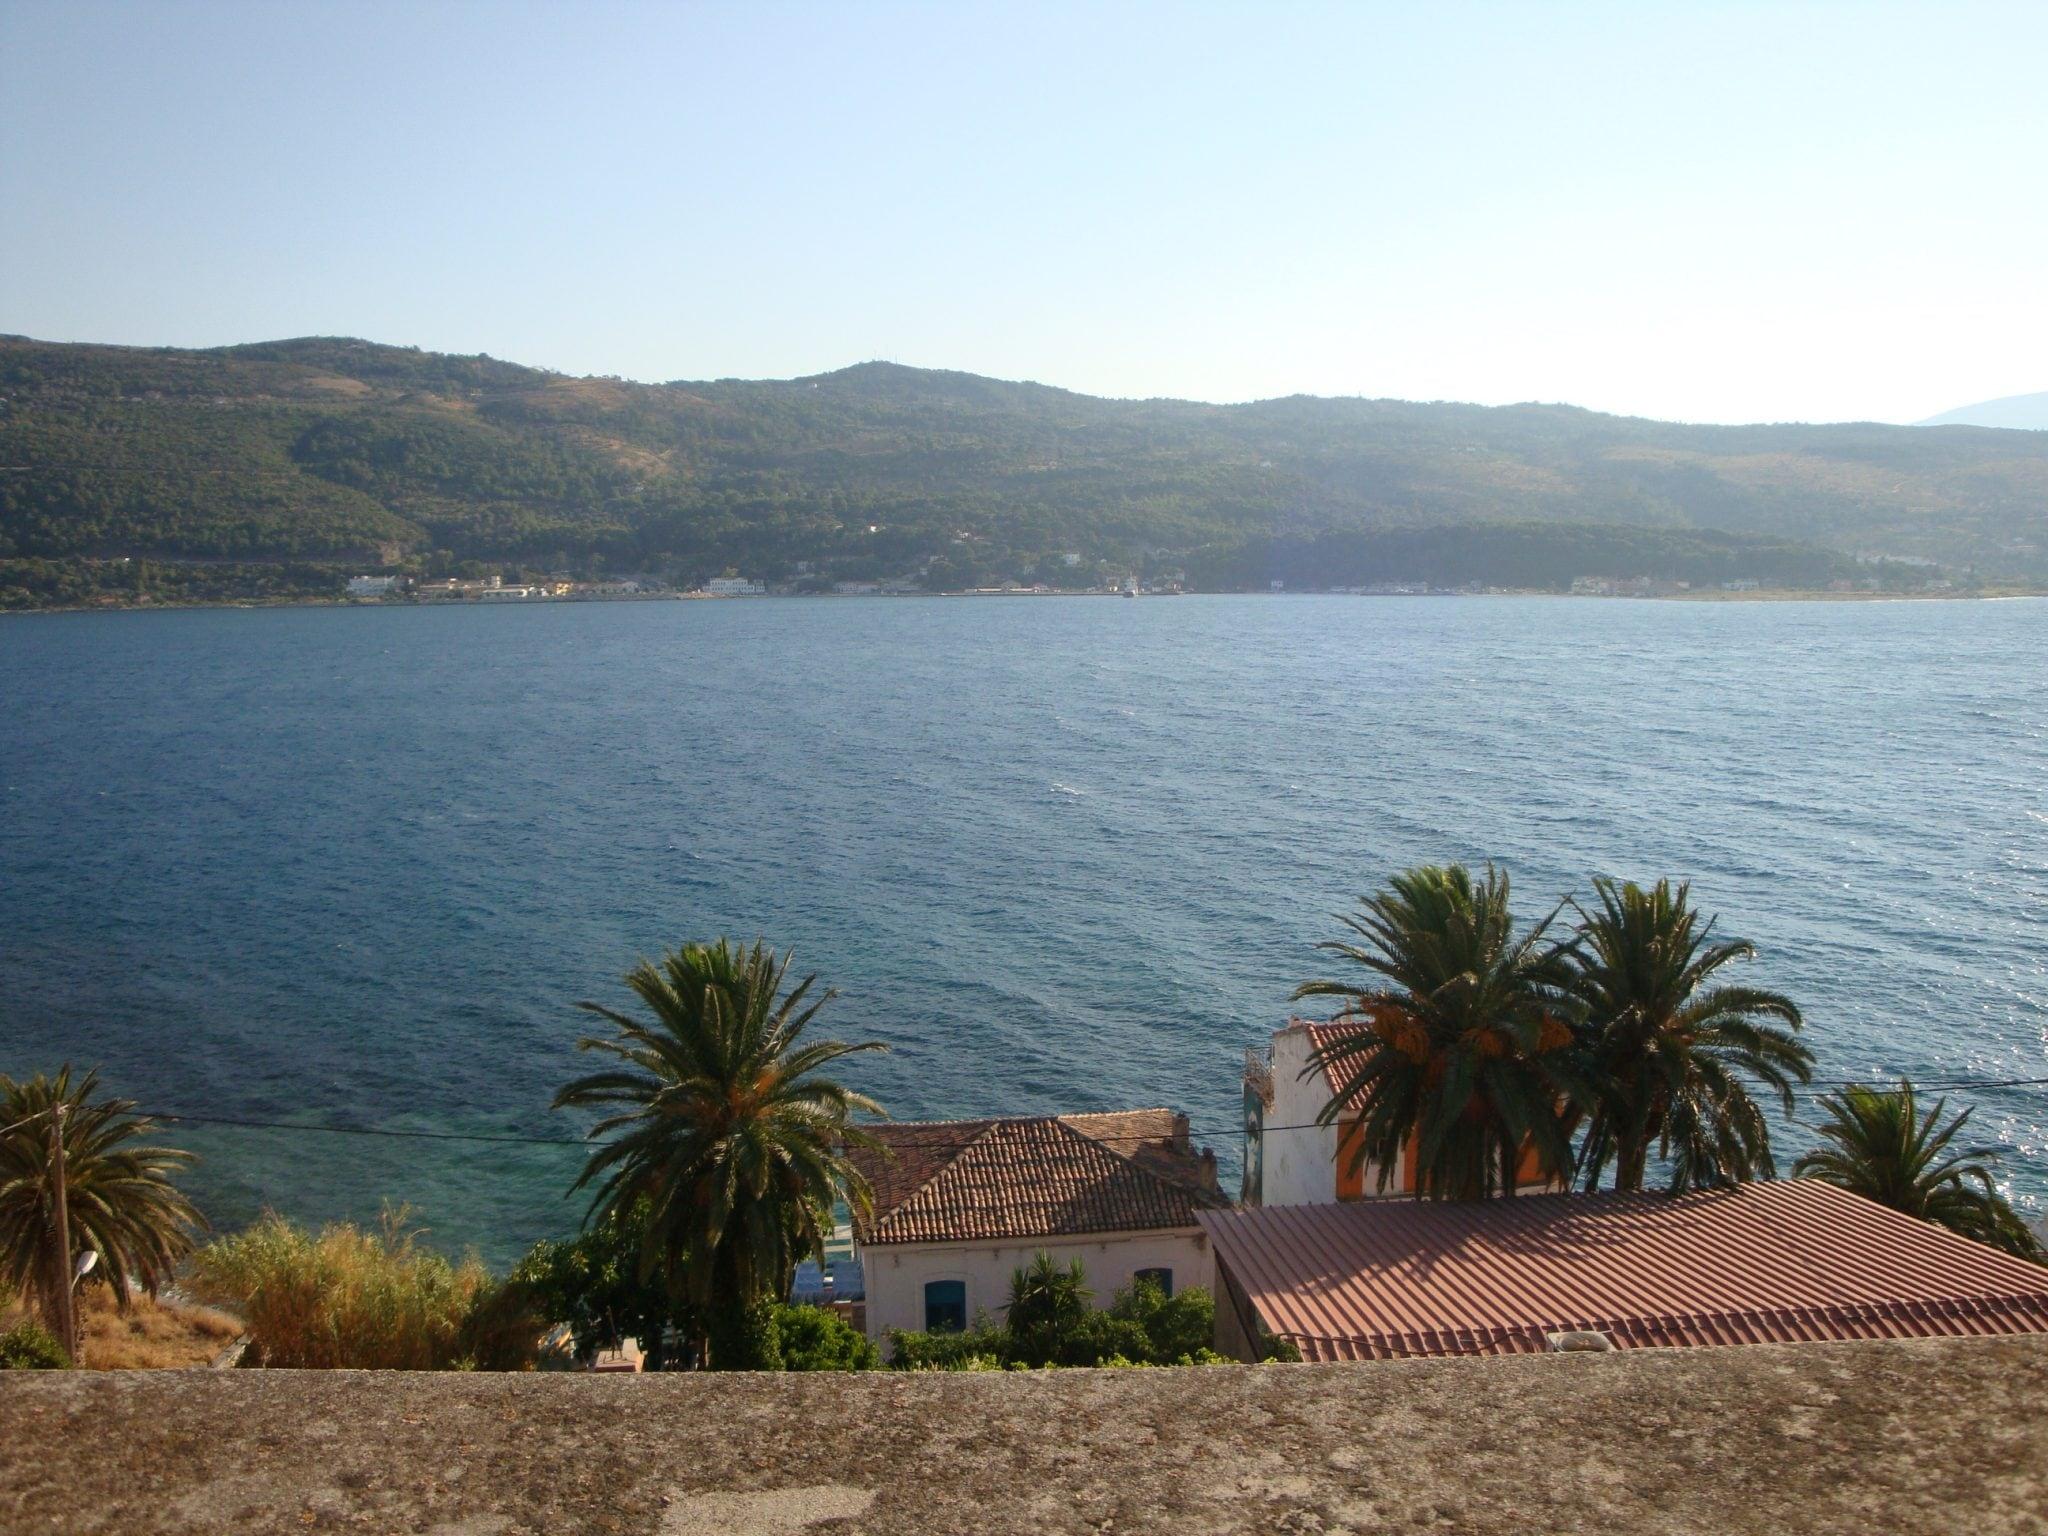 Casa, Samos - Ref GR-4465-S